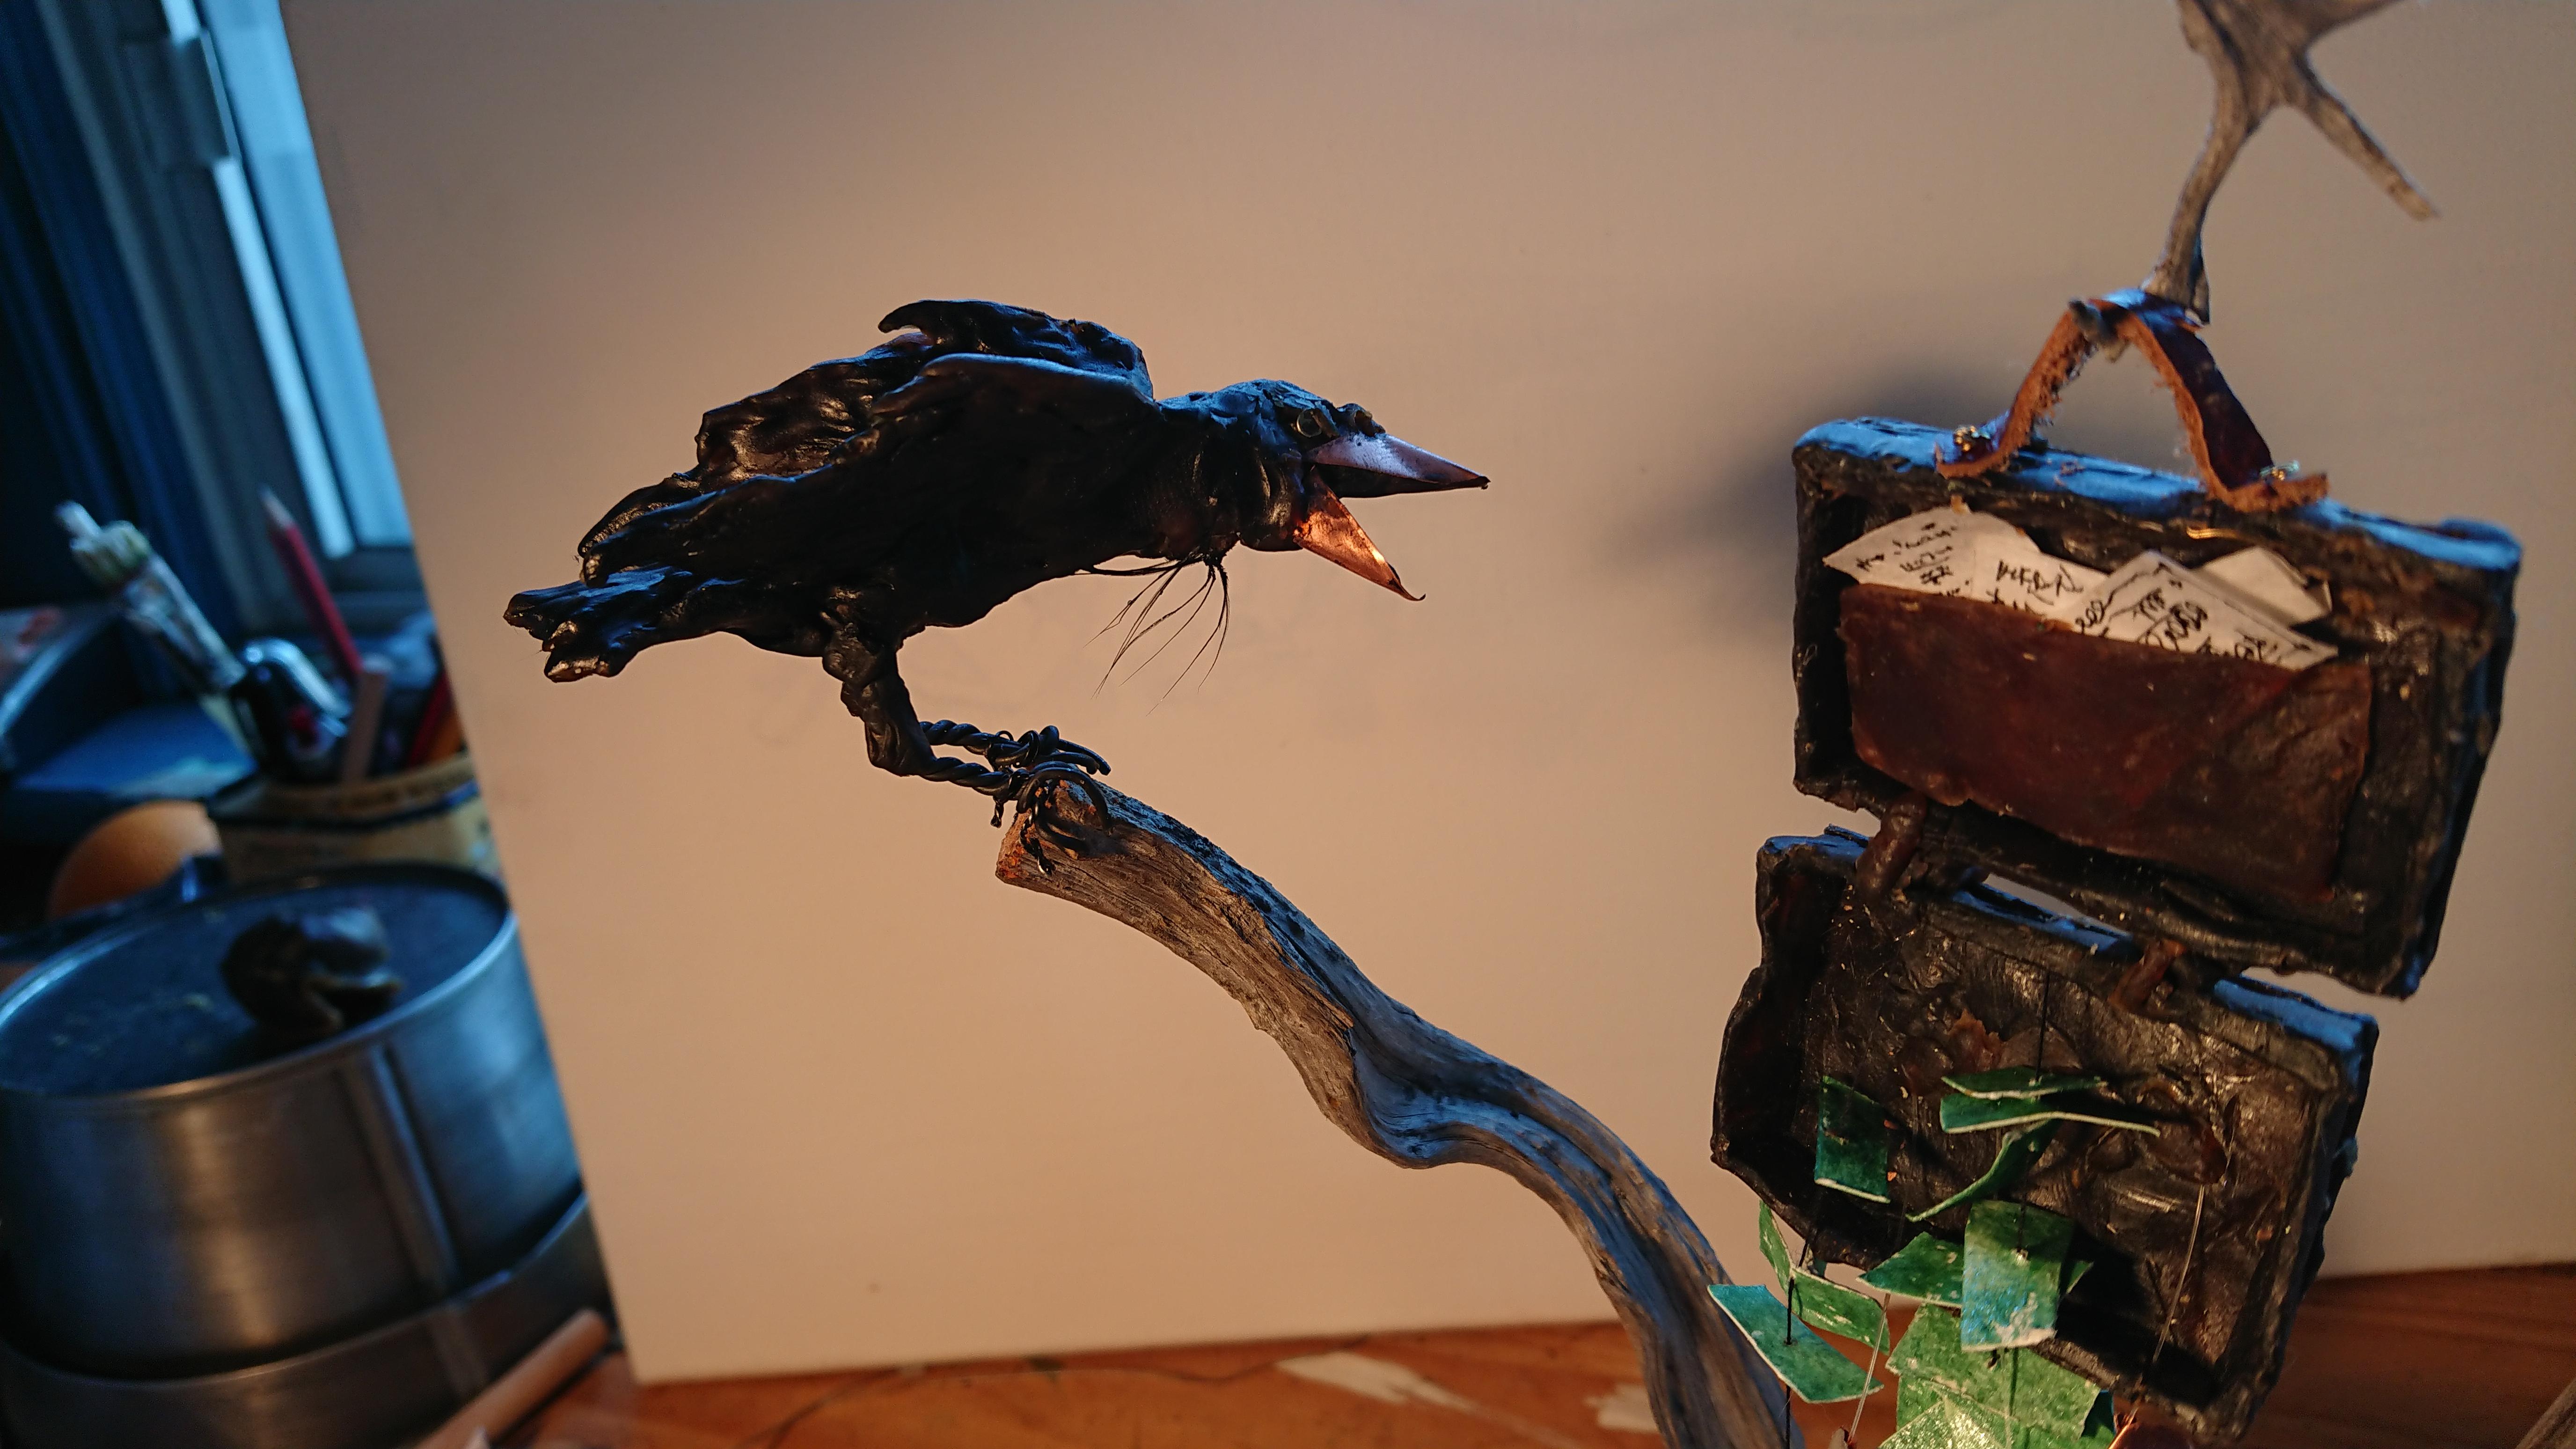 Crow & briefcase